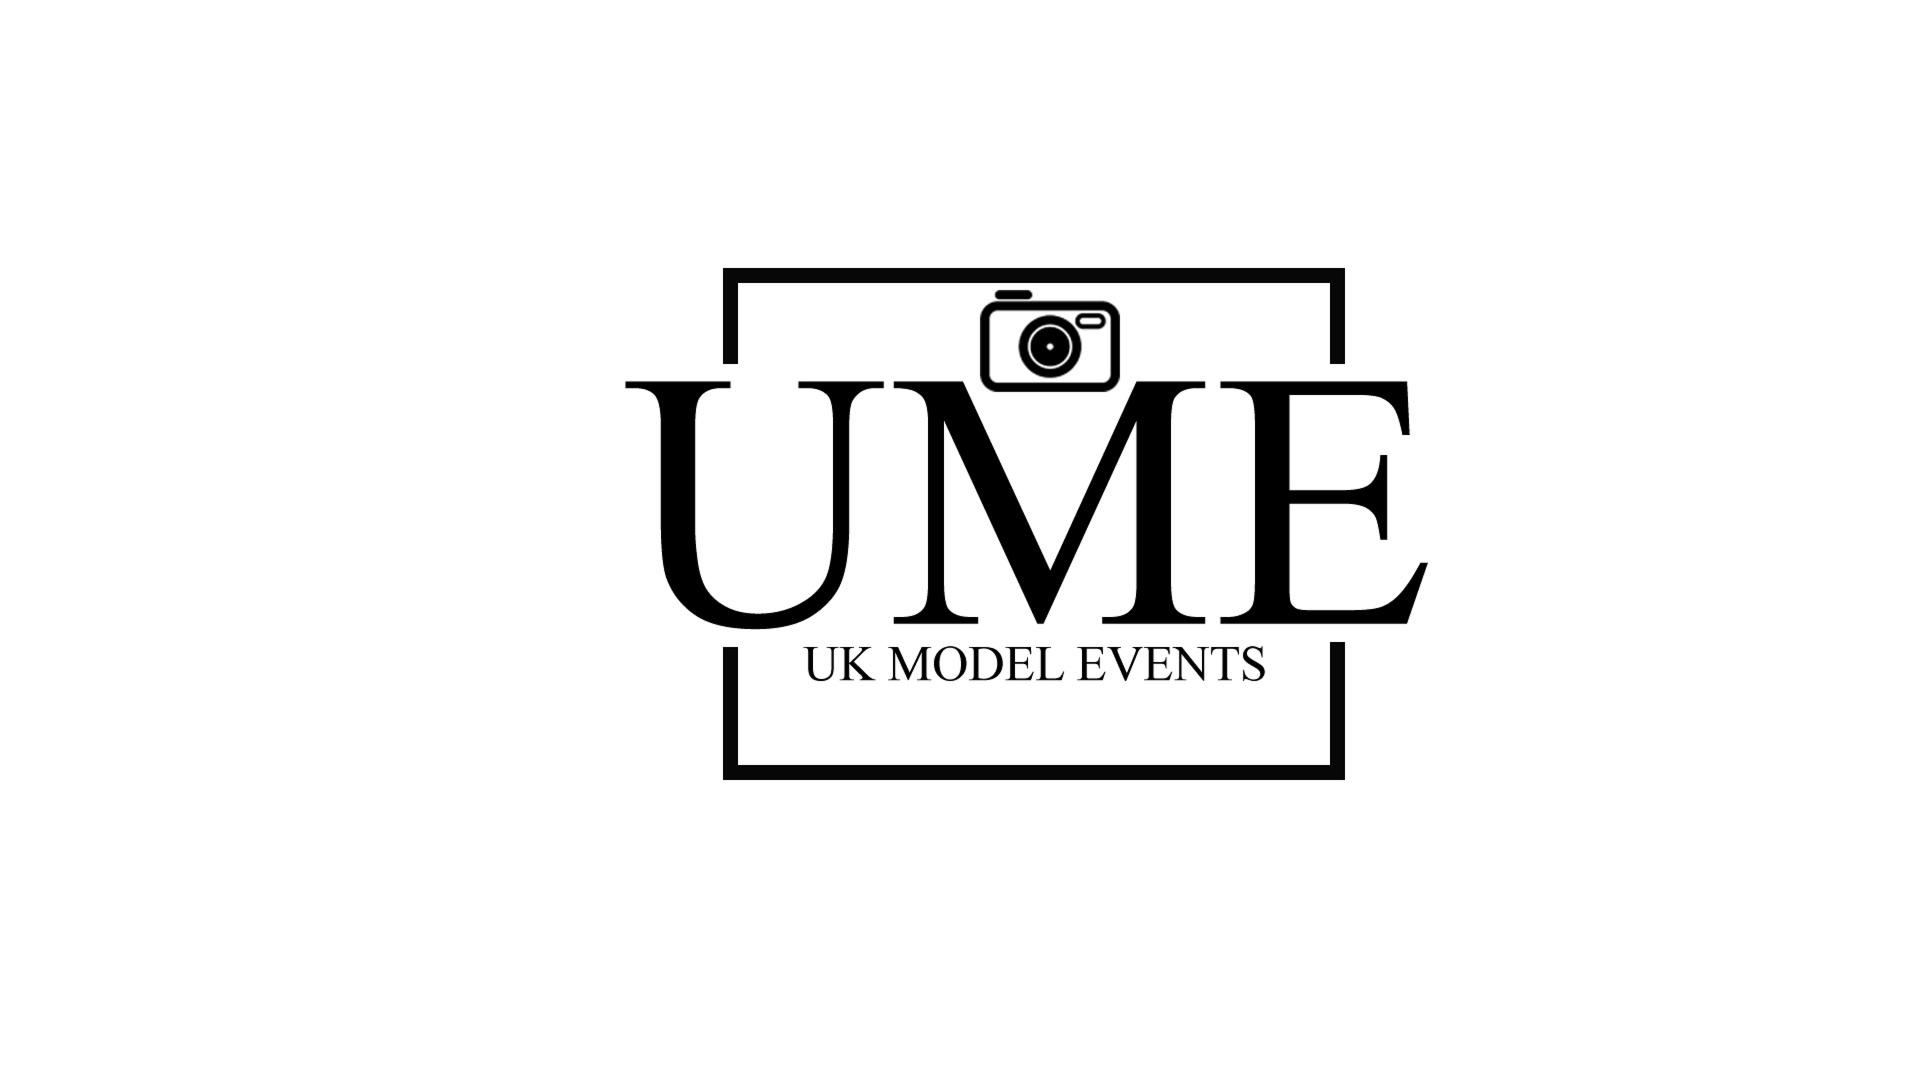 UK Model Events